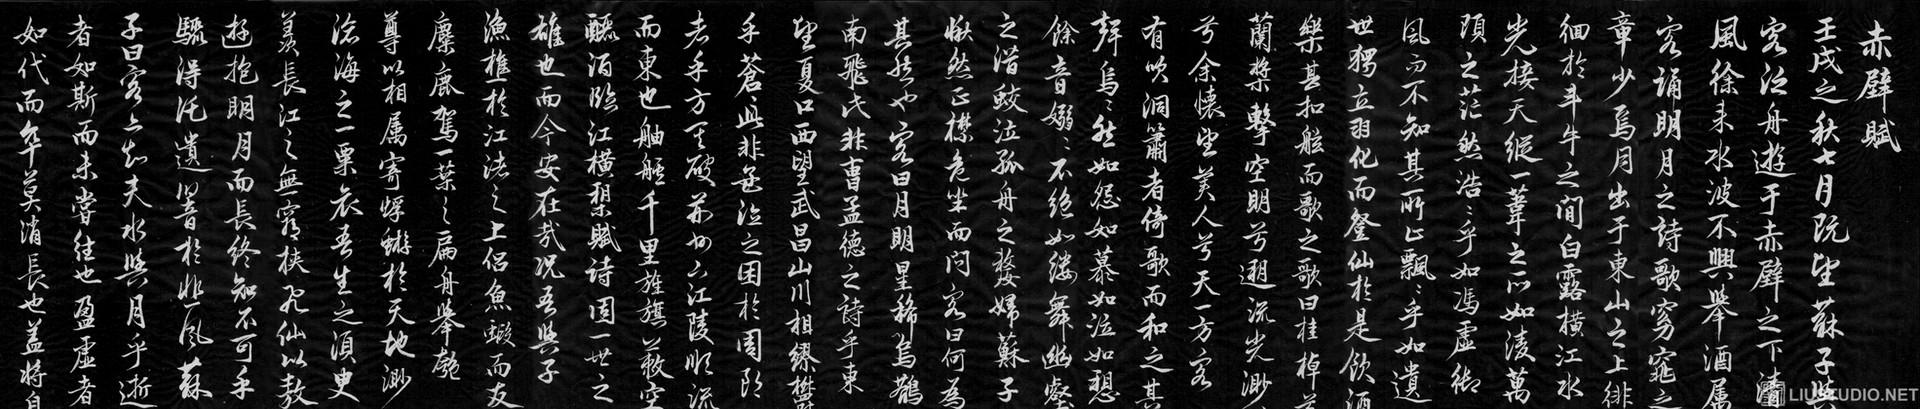 临赵孟頫《前后赤壁赋》